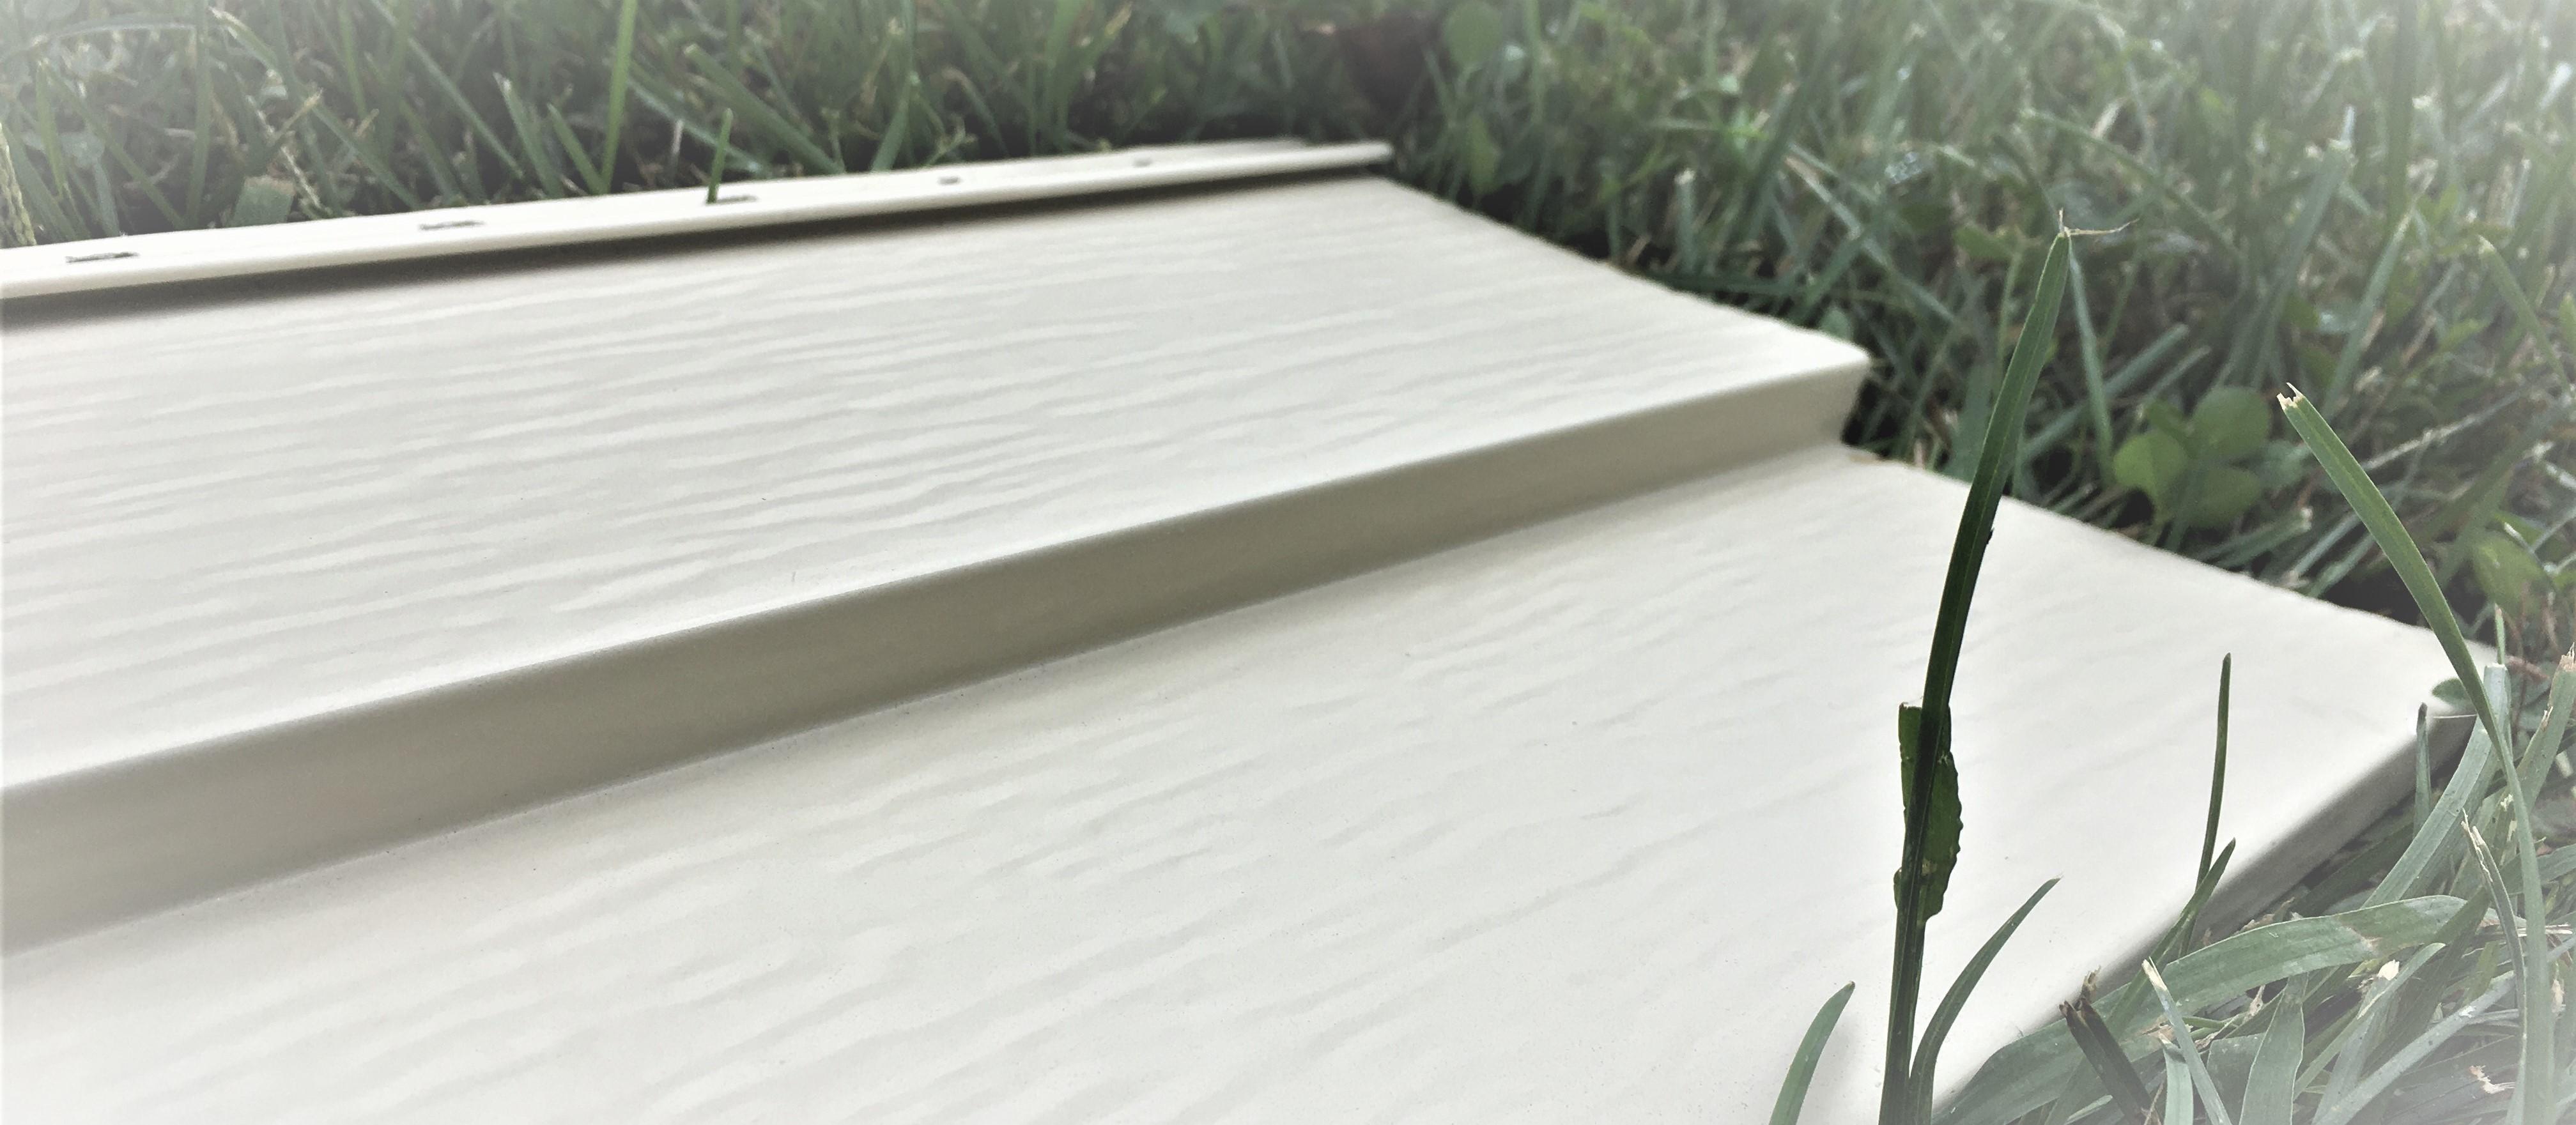 Connaissez vous la différence entre le revêtement en vinyle et en acier?